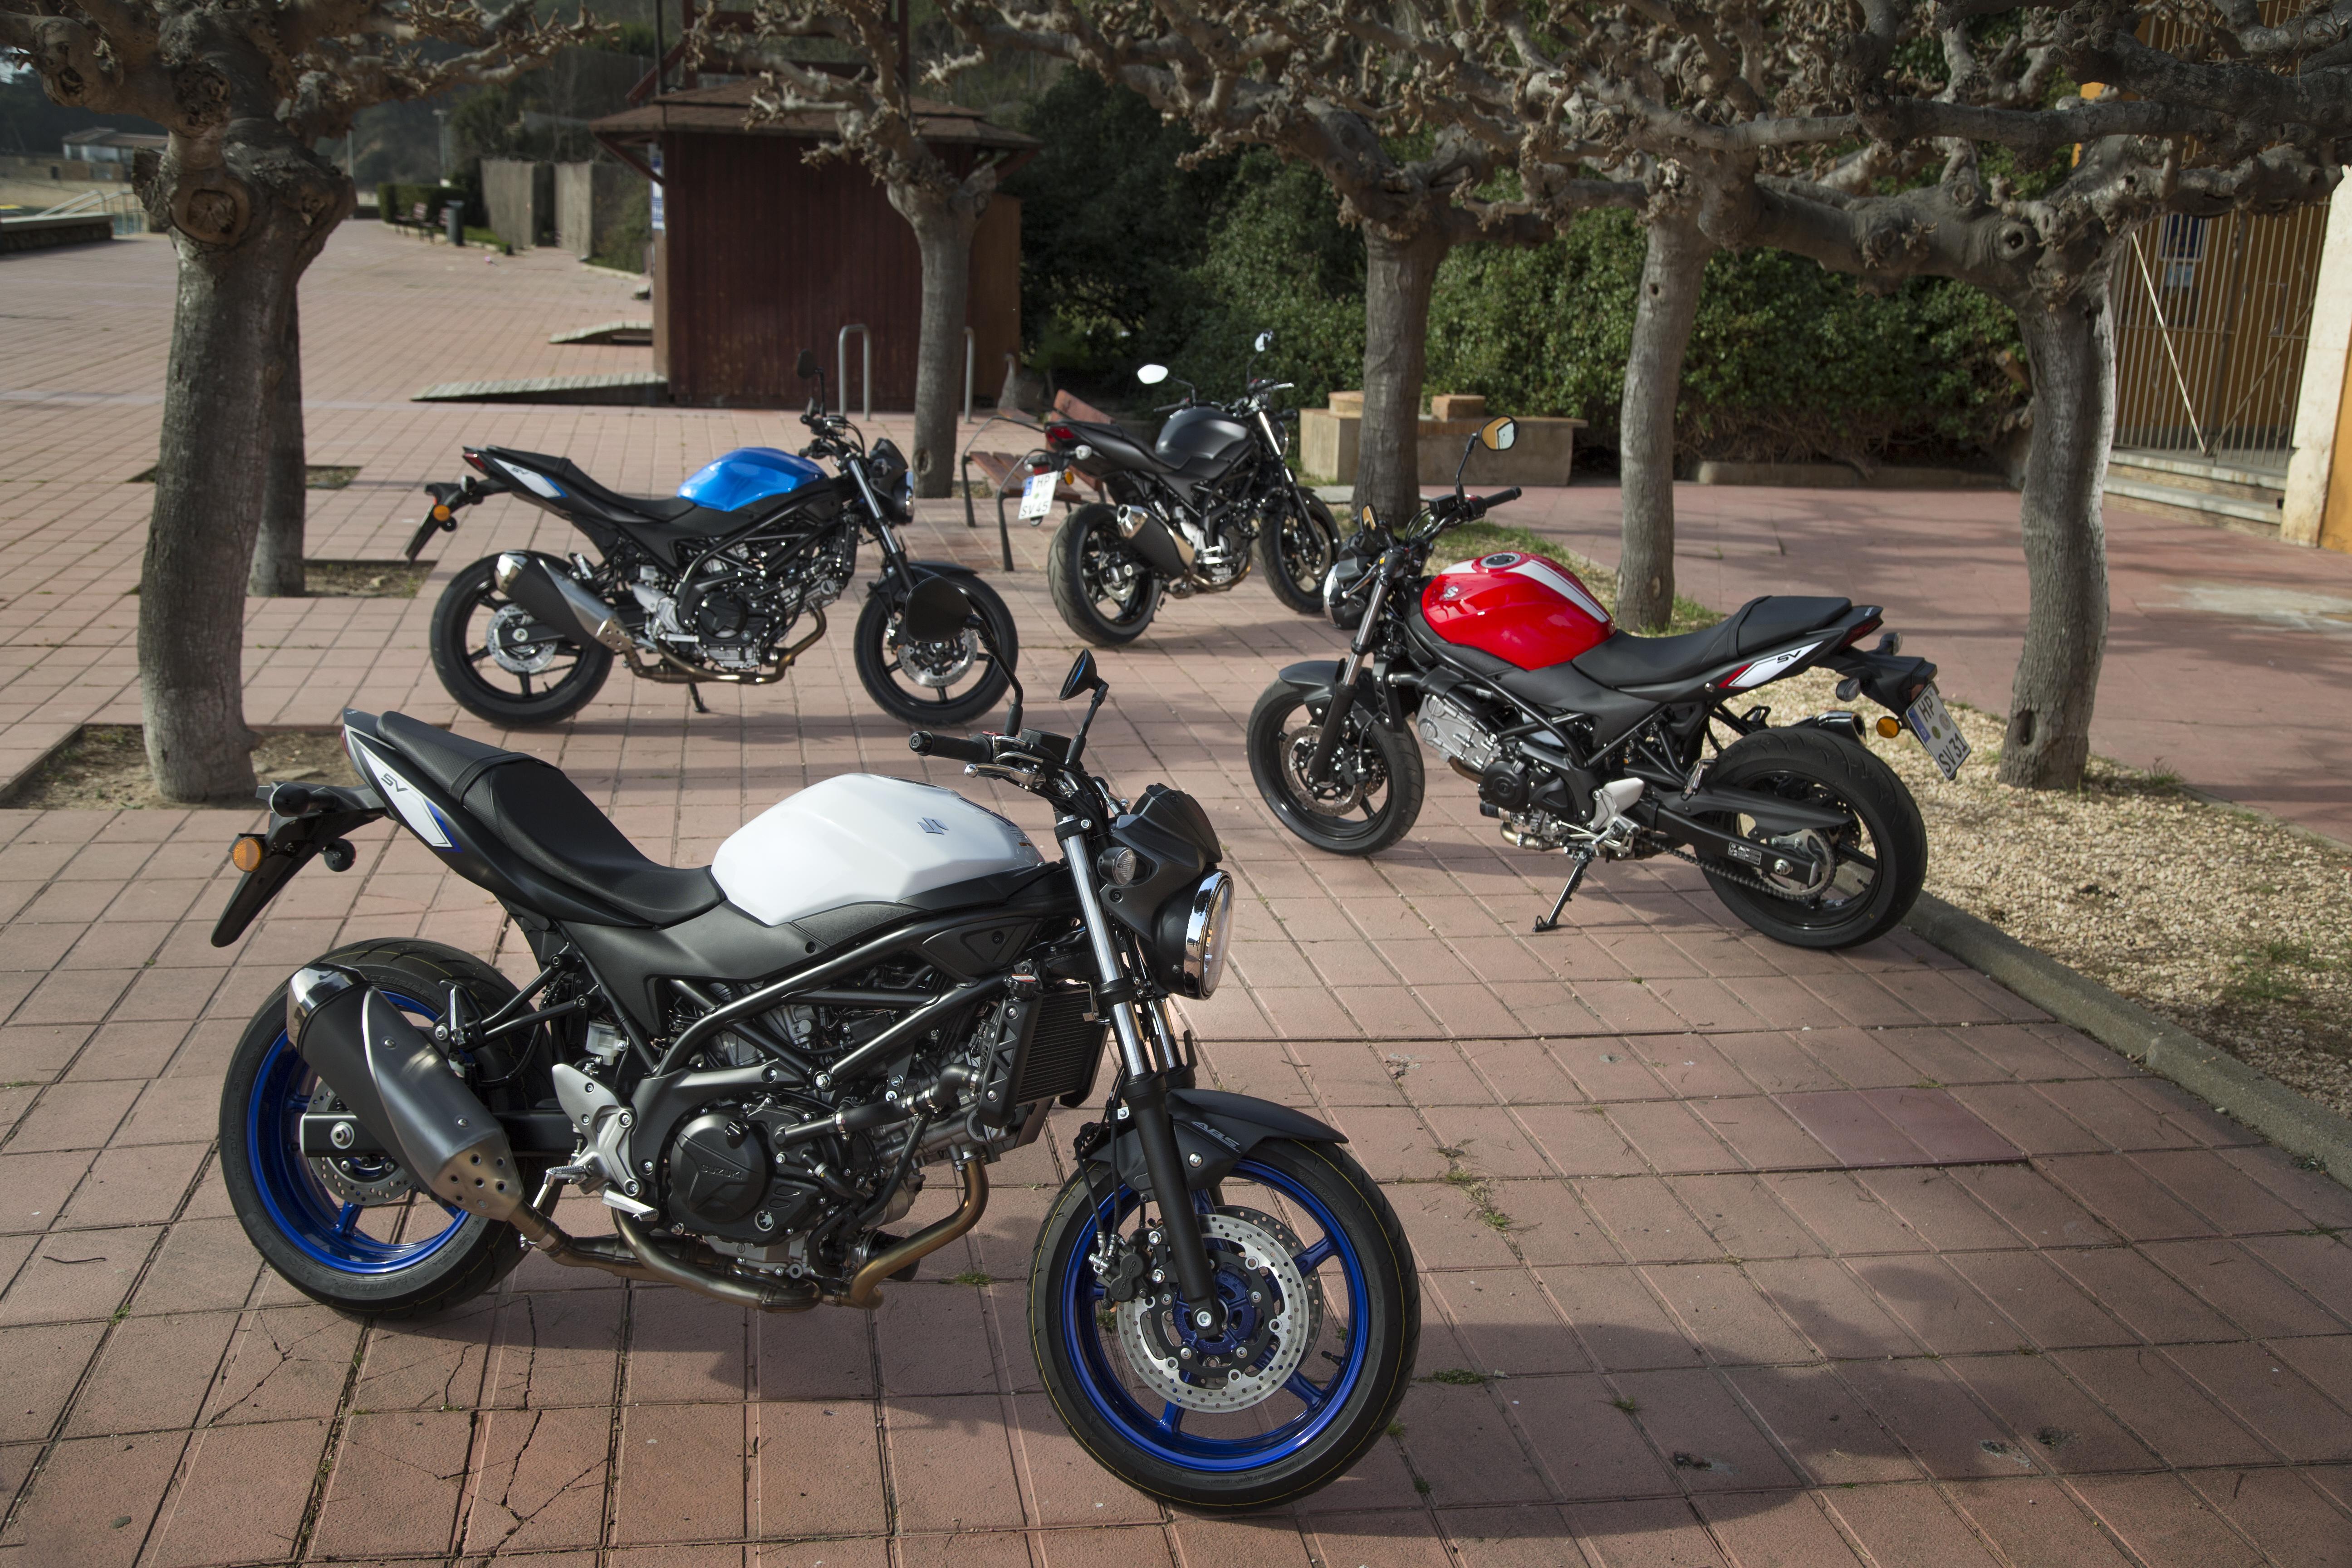 First Ride Suzuki SV650 Review